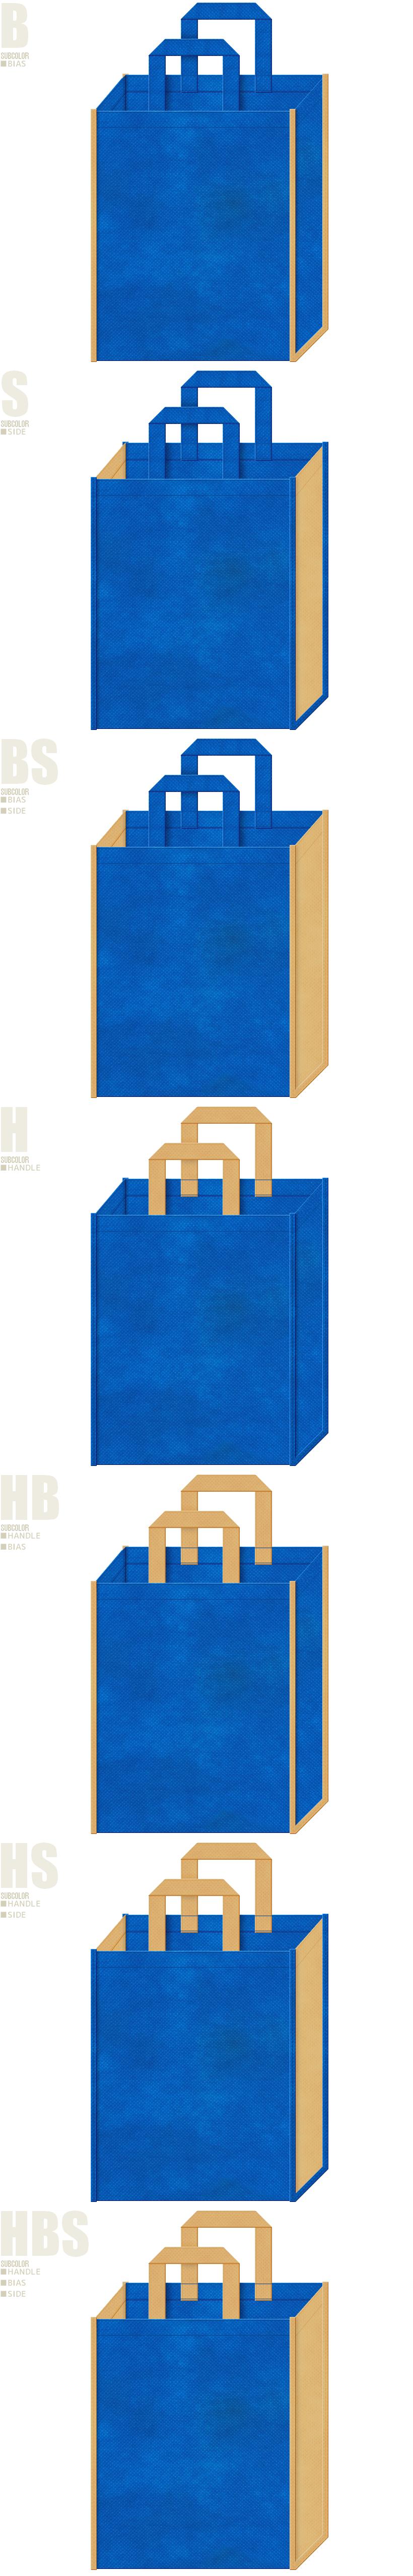 不織布トートバッグのデザイン例-不織布メインカラーNo.22+サブカラーNo.8の2色7パターン